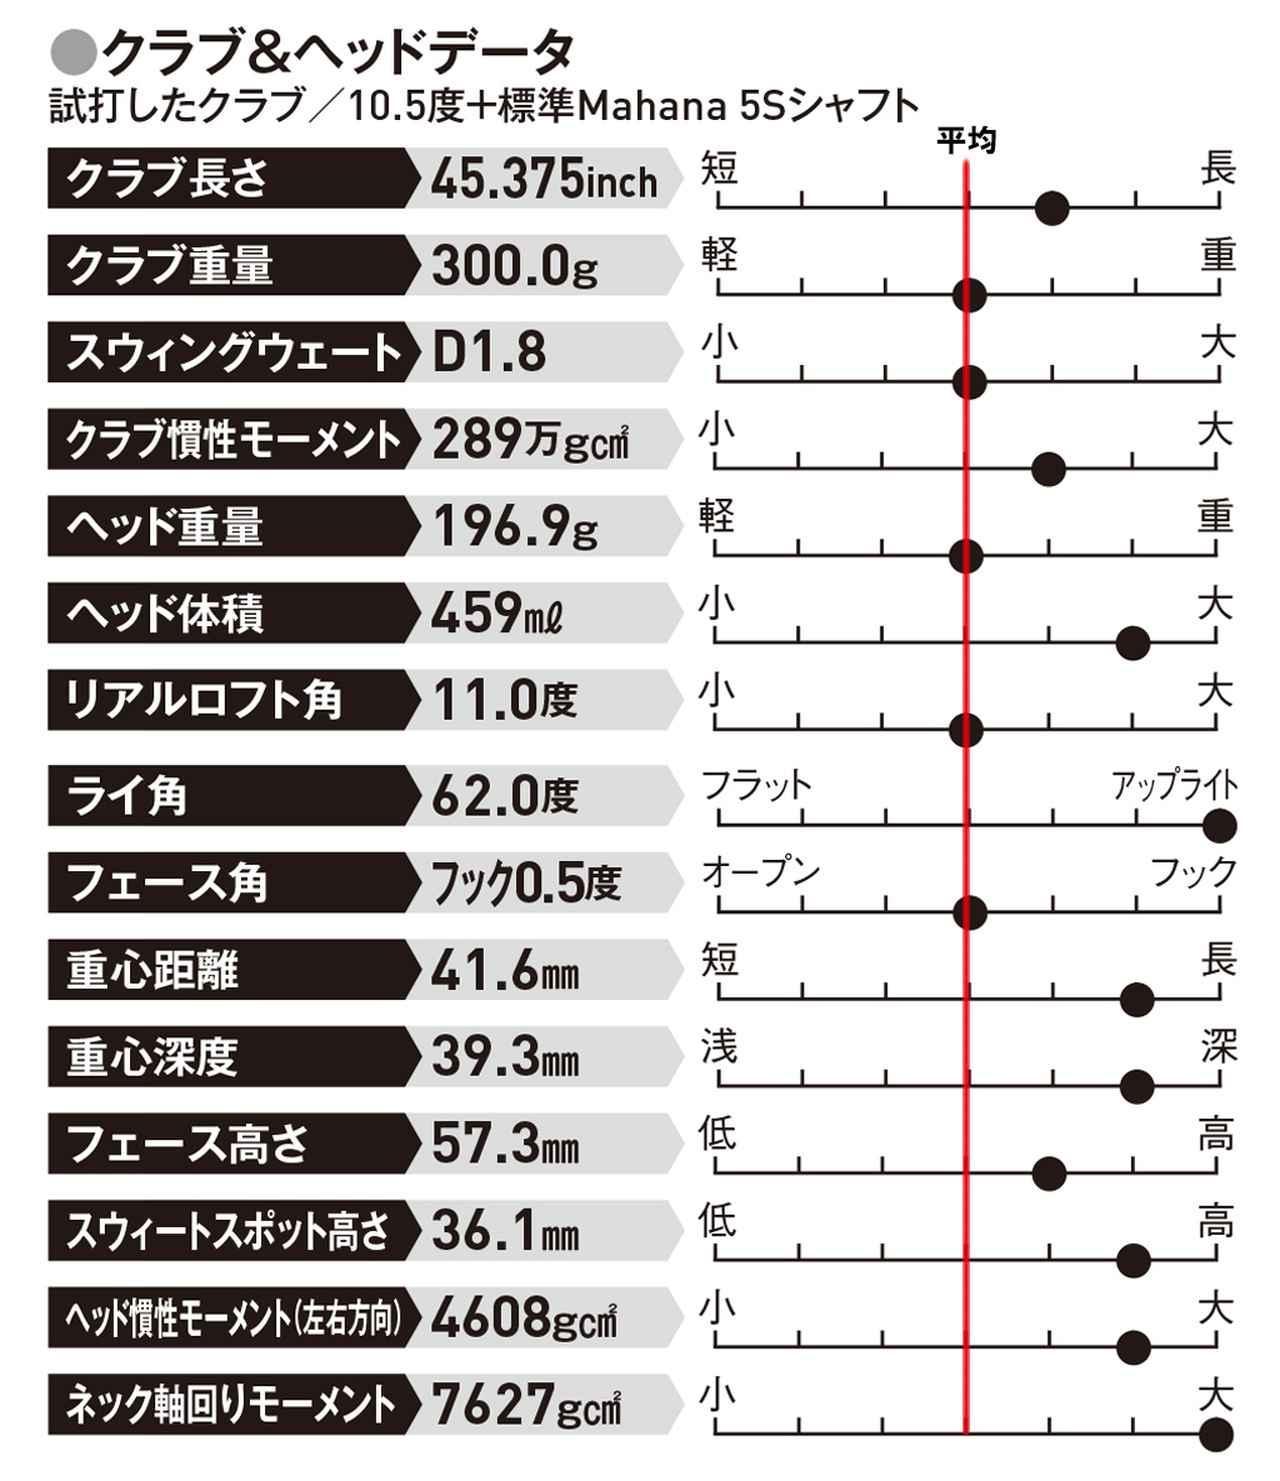 画像: スウィートスポット高さが36.1ミリと高めなので、ヘッドスピードが遅くても適度なスピン量で球が上がりやすい